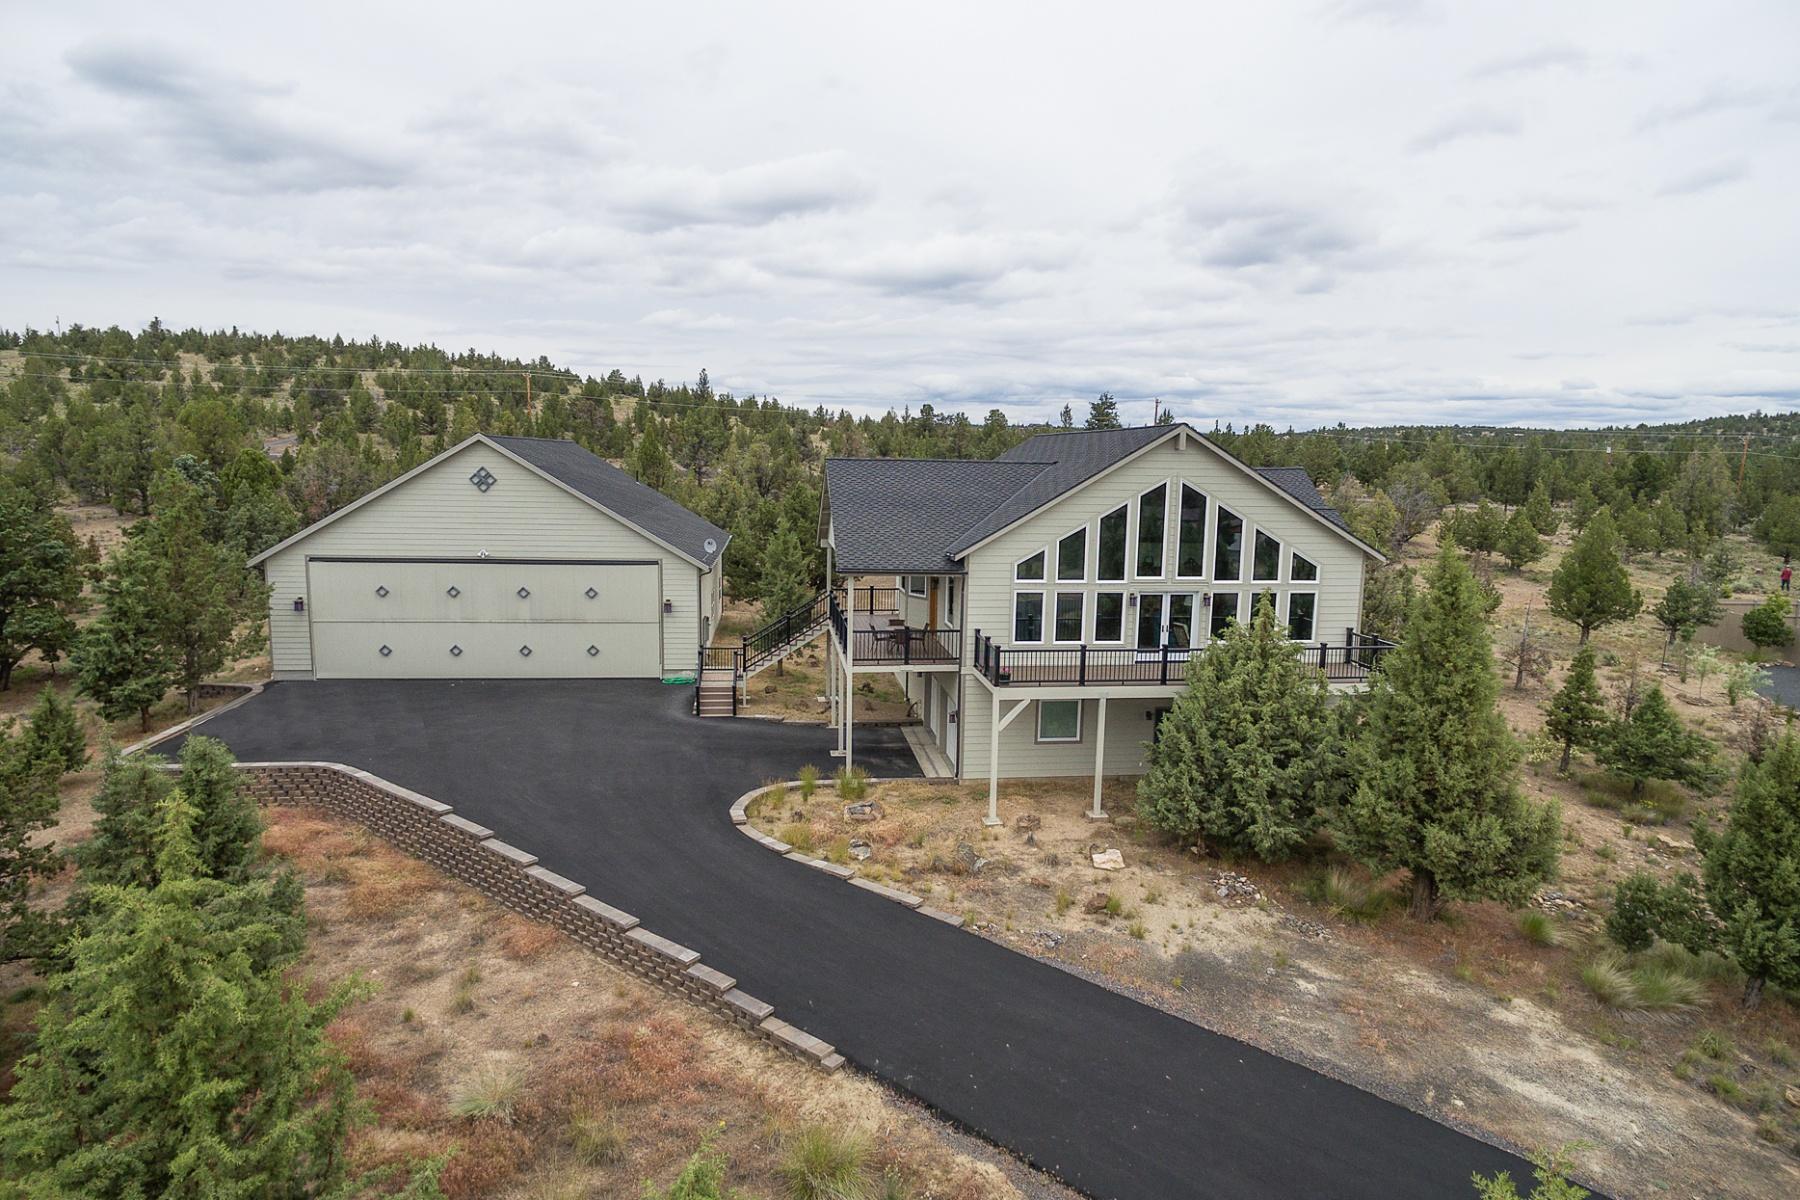 獨棟家庭住宅 為 出售 在 2321 SE Landings Way, PRINEVILLE Prineville, 俄勒岡州, 97754 美國